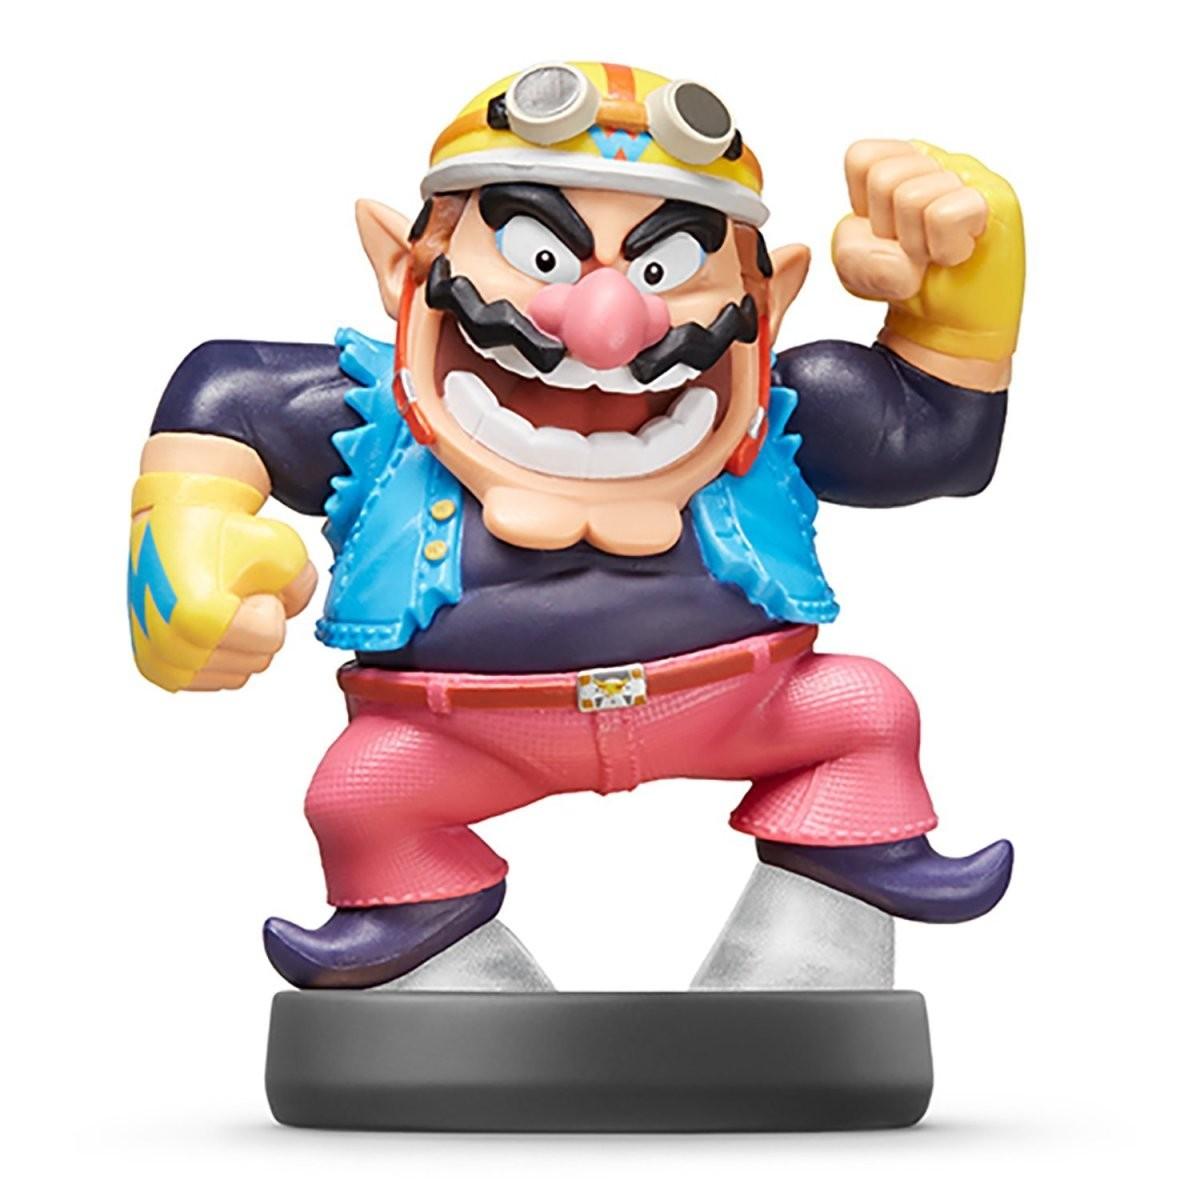 任天堂 Wii U/3DS amiibo ワリオ(大乱闘スマッシュブラザーズシリーズ)の商品画像 ナビ